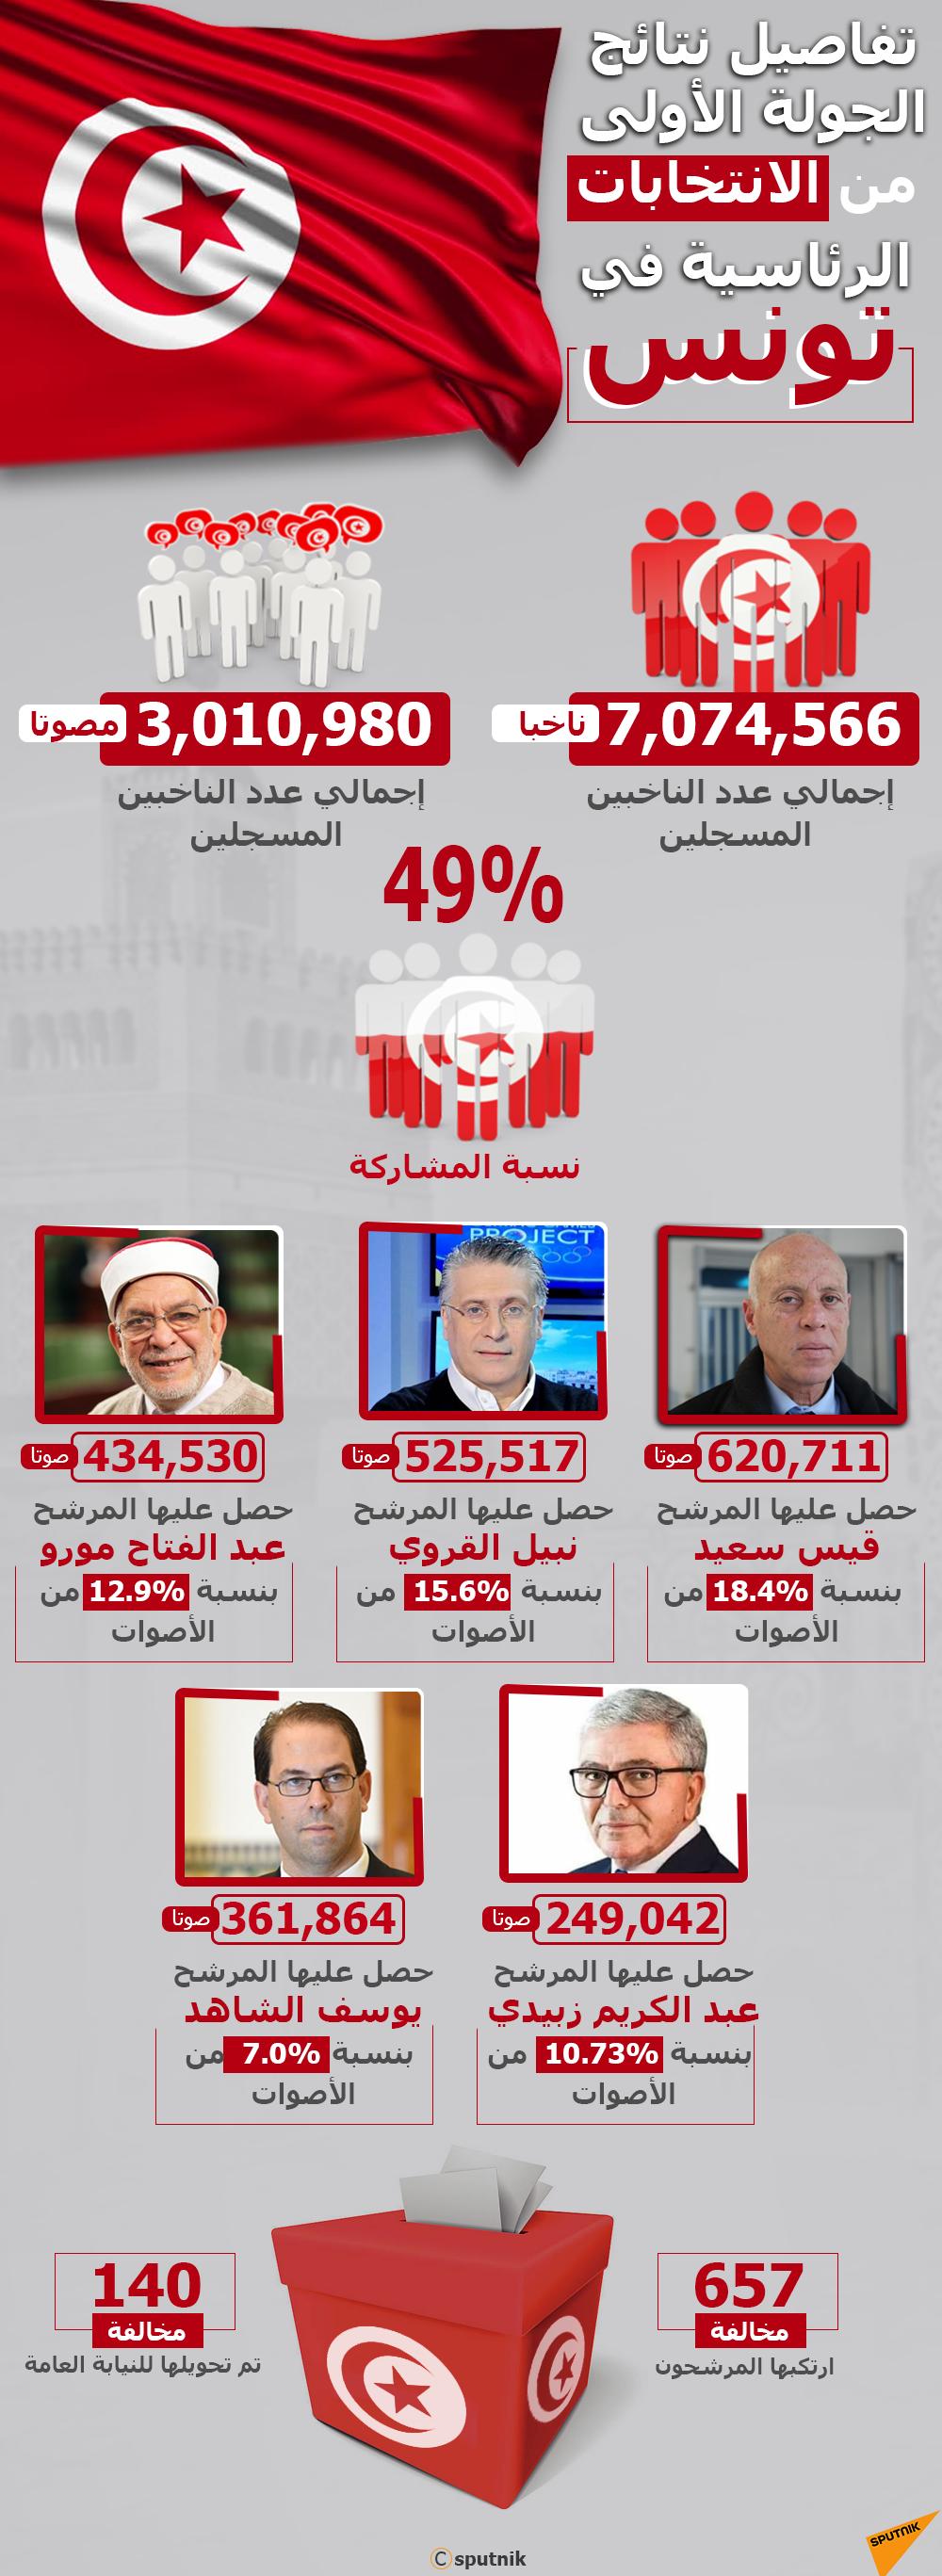 إنفوجرافيك - نتائج الجولة الأولى من الانتخابات الرئاسية في تونس